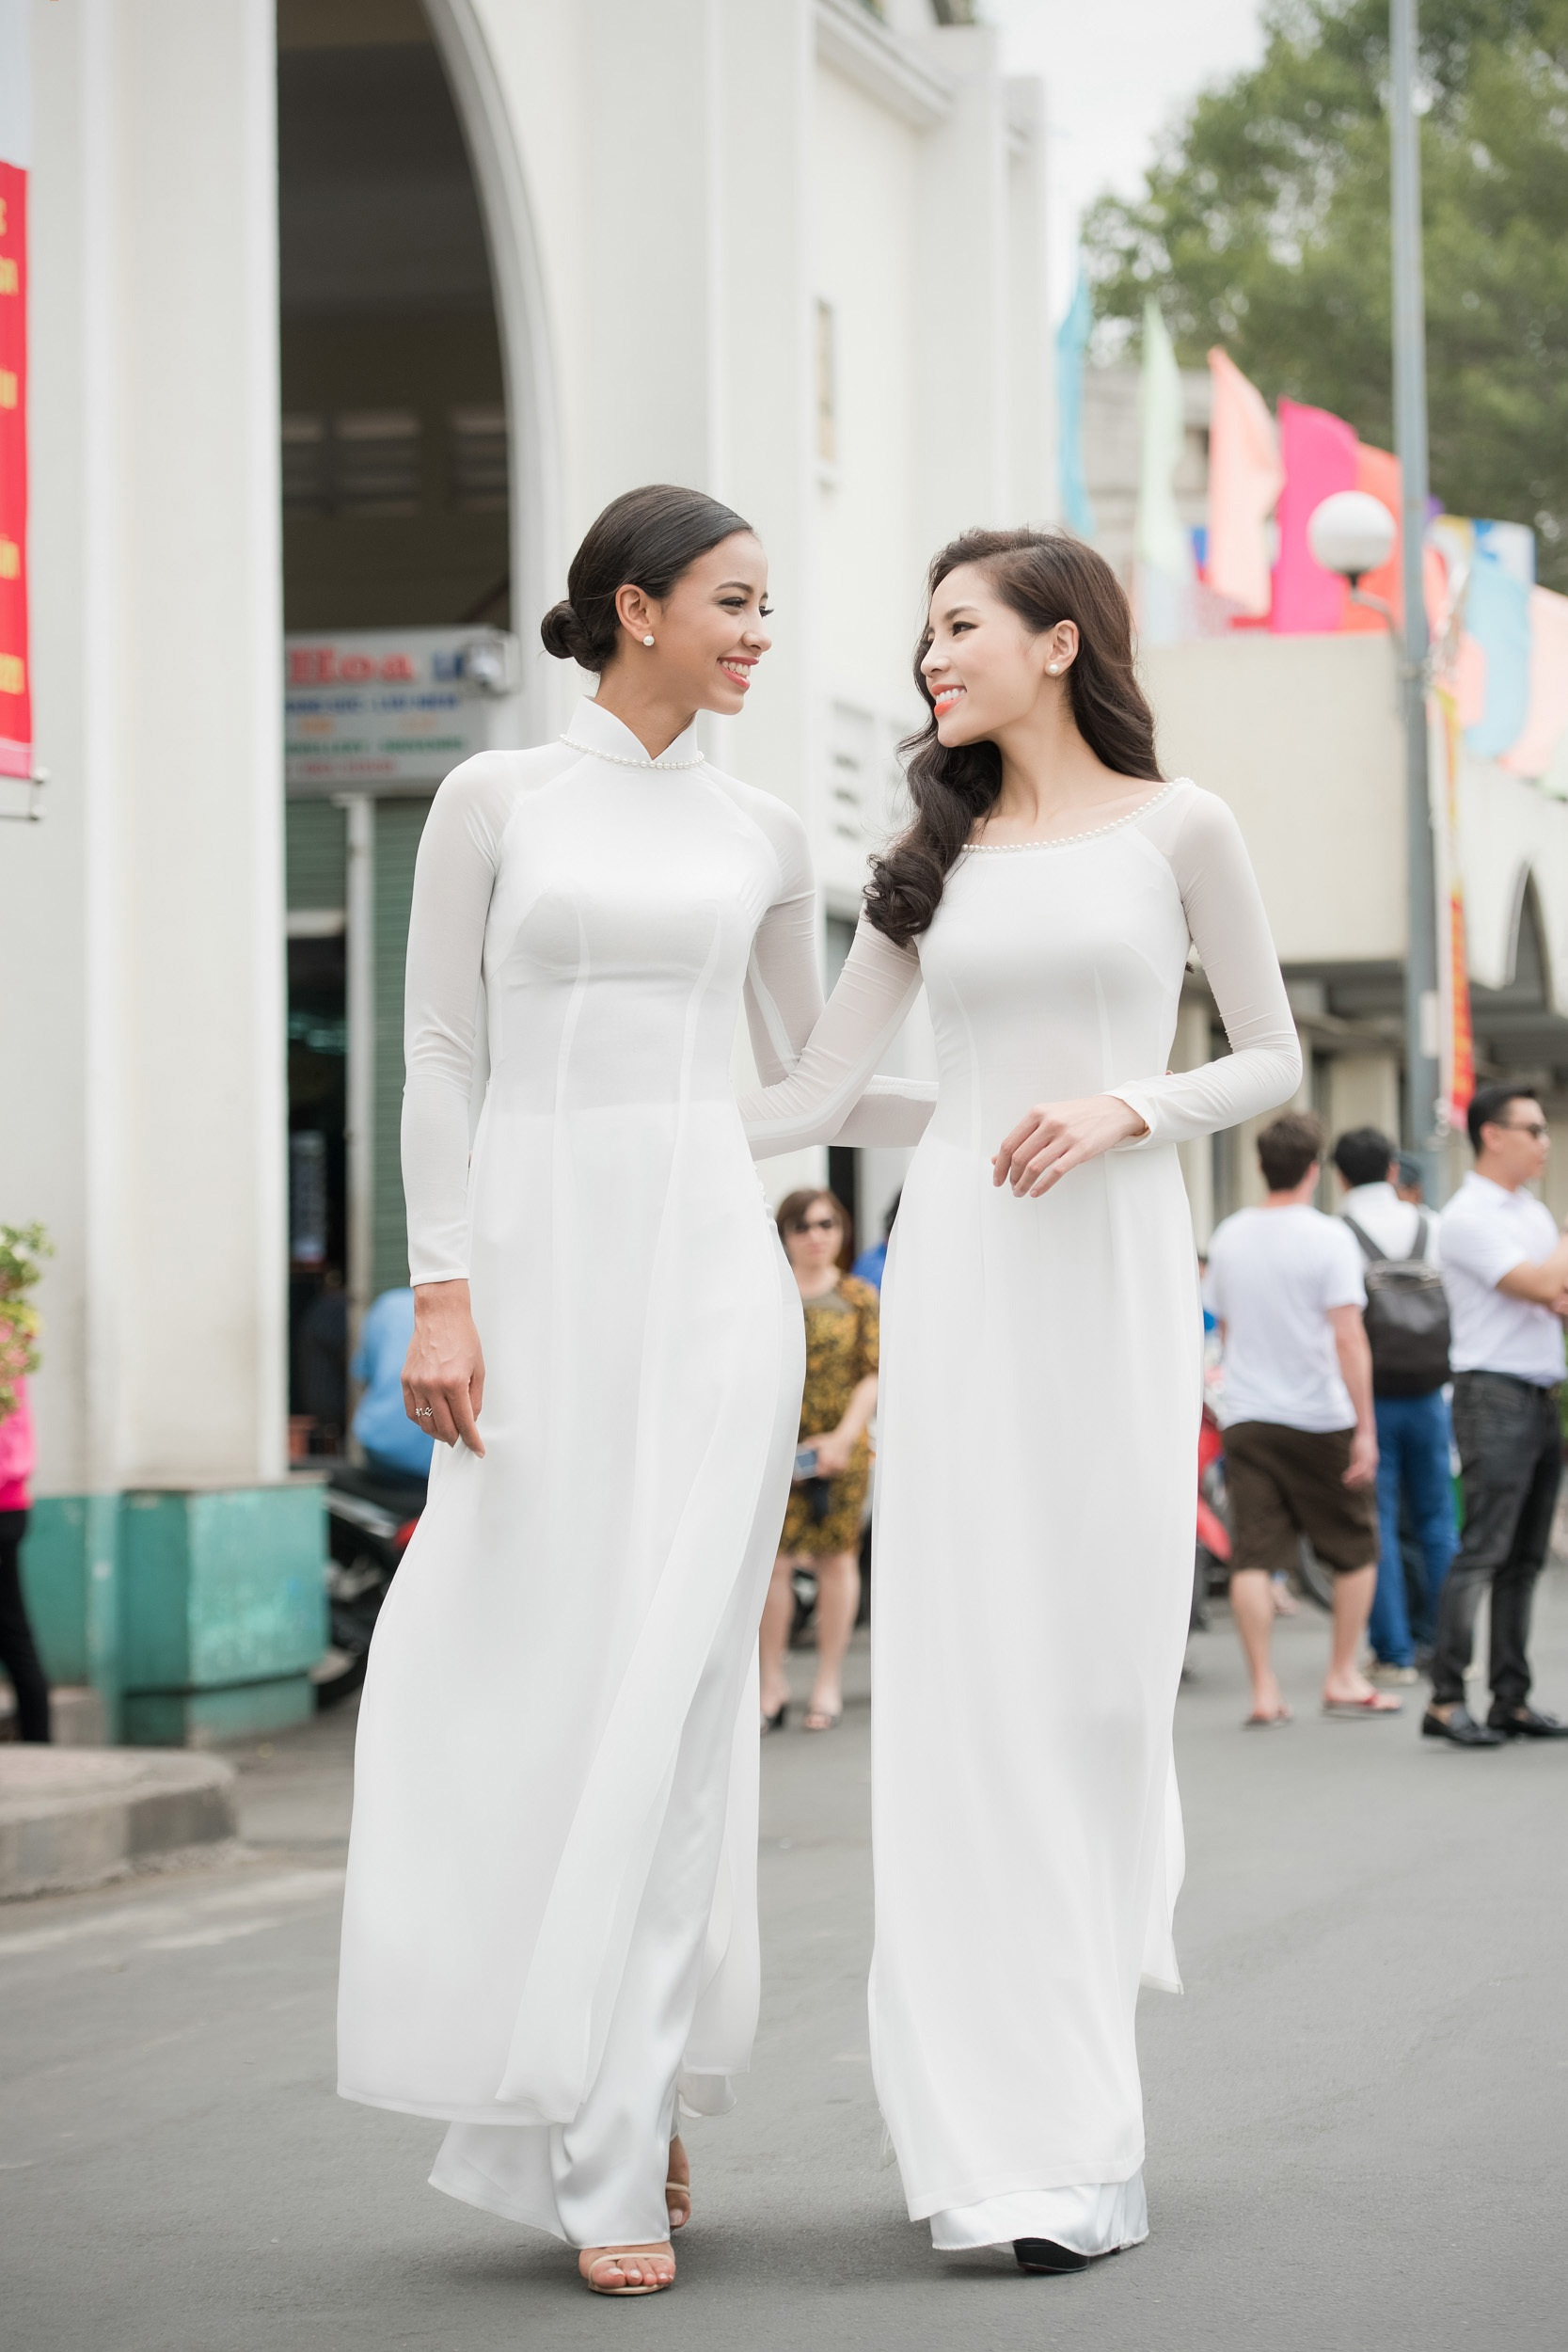 Hai mỹ nhân đi đến đâu cũng gây sự chú ý lớn đối với người dân Sài Gòn, nhất là khi Kỳ Duyên cùng Hoa hậu Pháp ghé chợ Bến Thành.